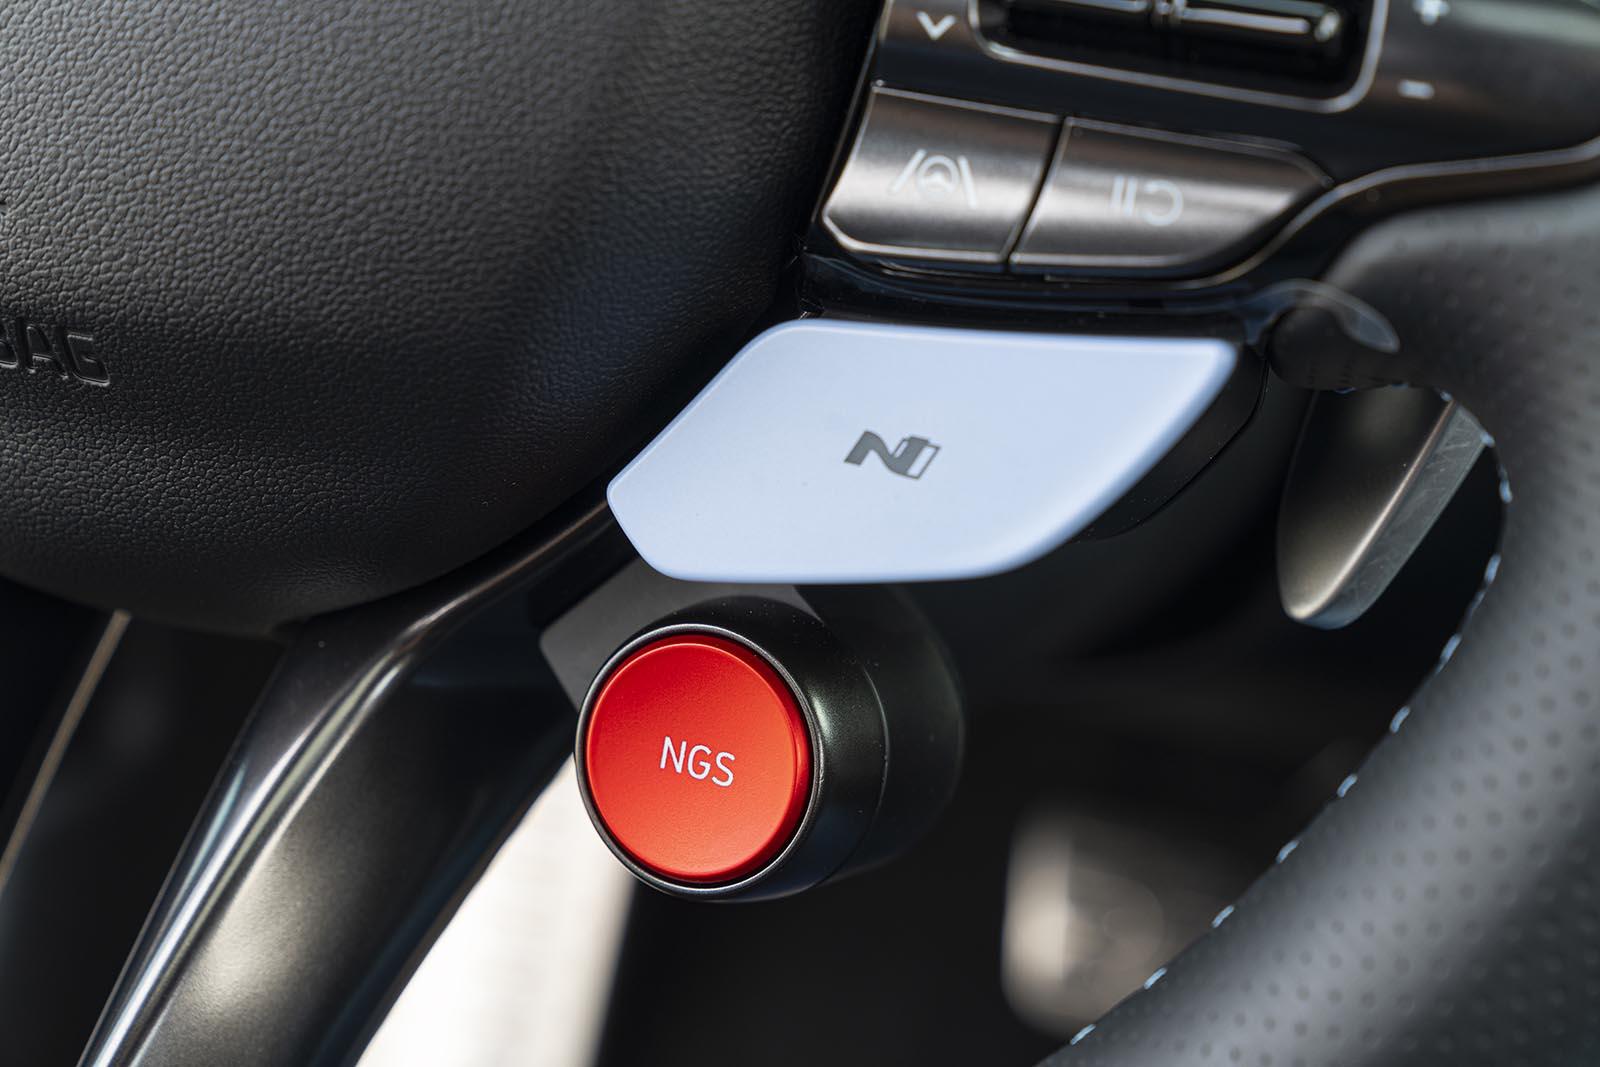 2022 Hyundai Elantra N button